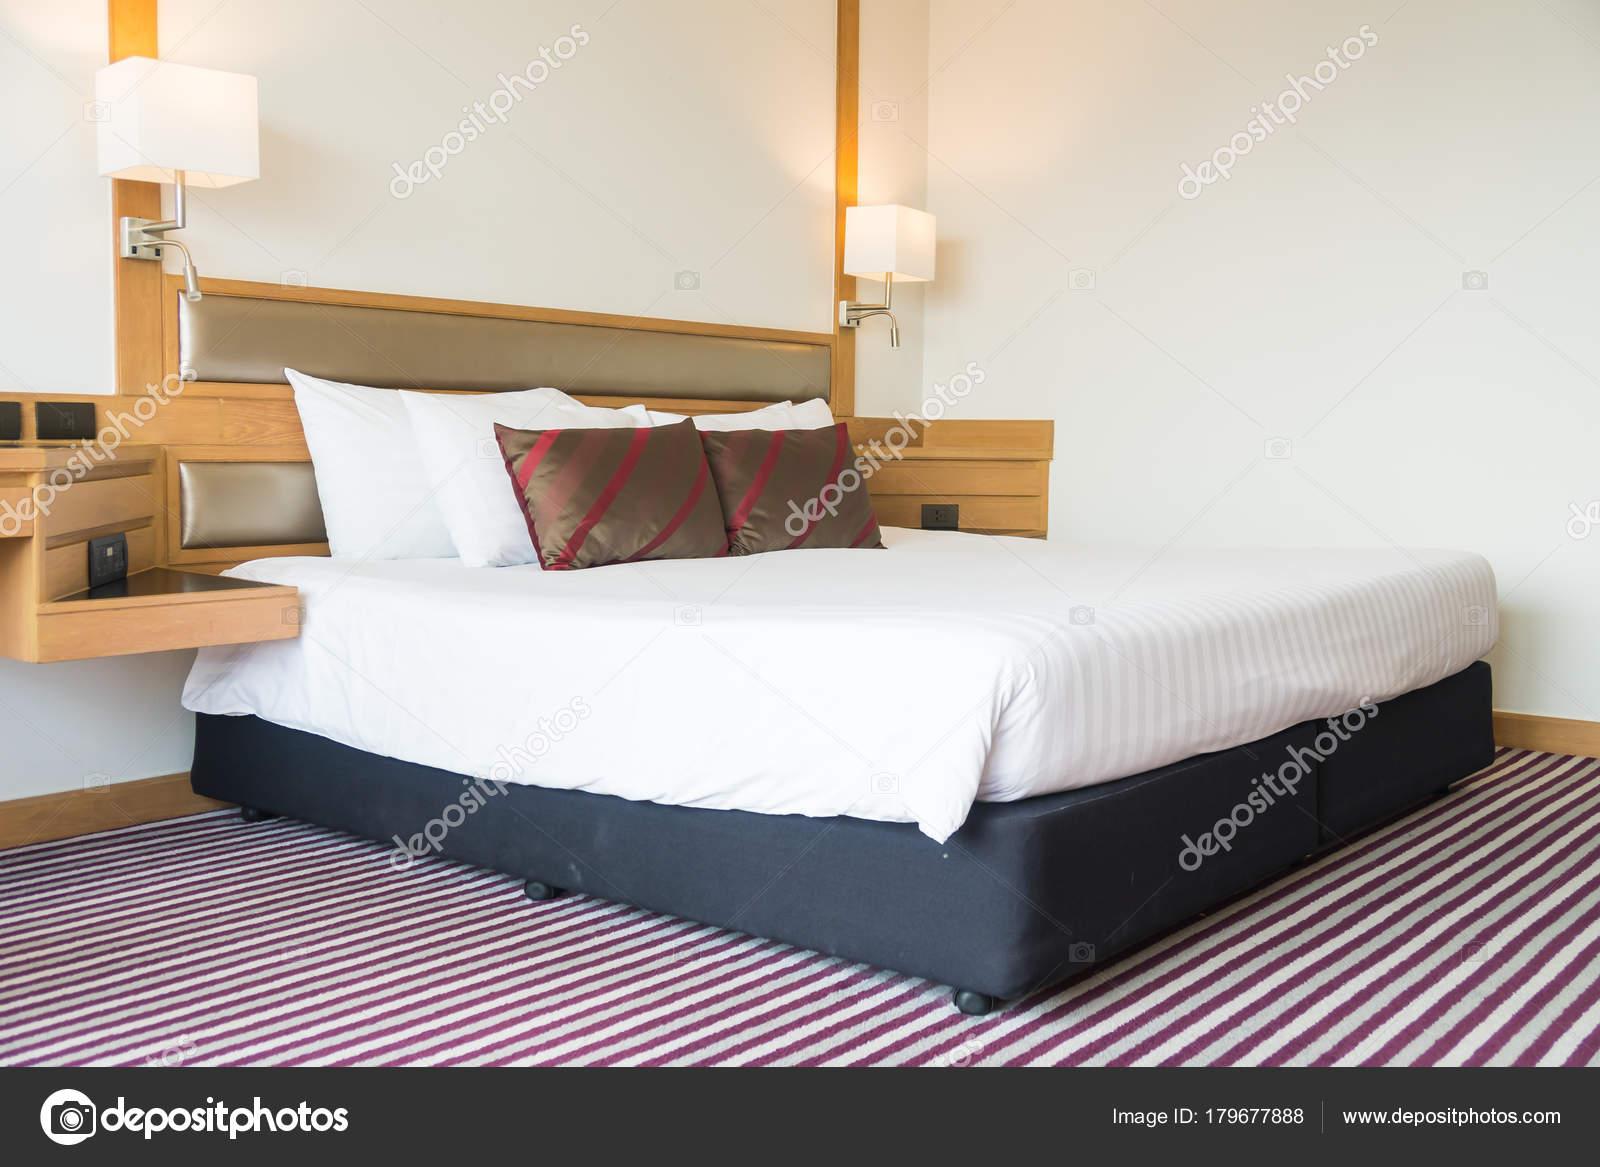 Komfortables Kissen Bett Dekoration Schlafzimmer Innenraum ...